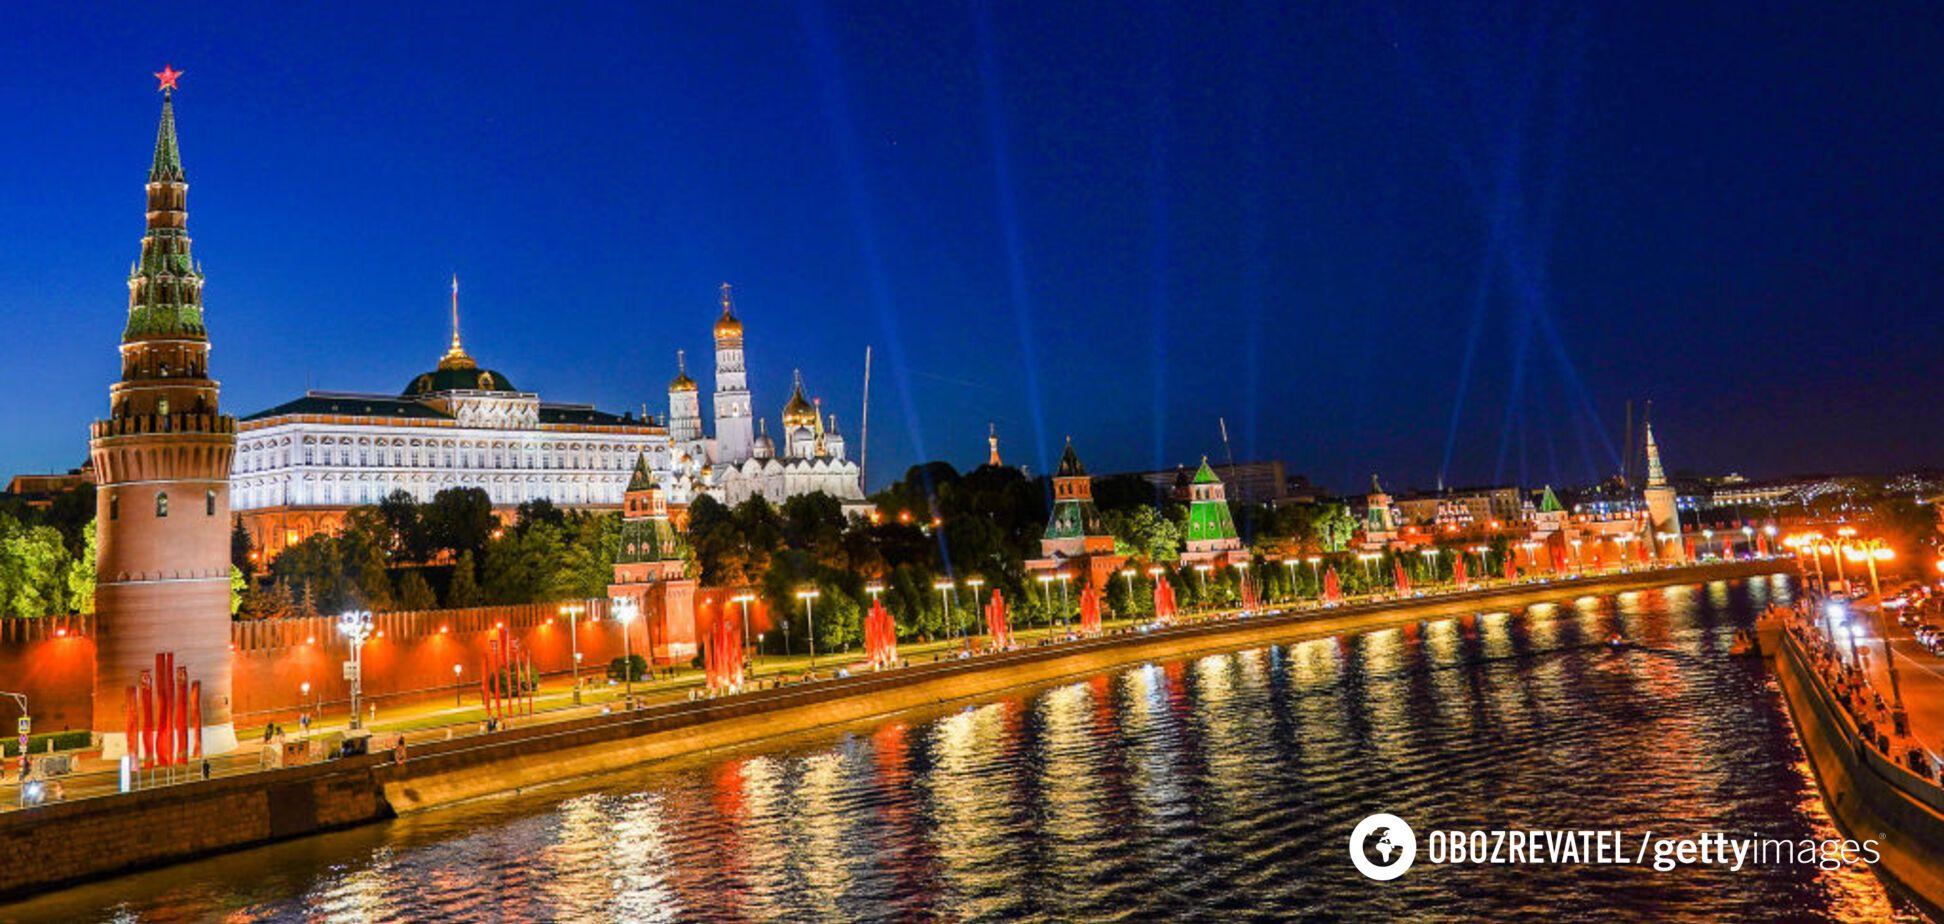 Маски сброшены: оппозиция в России разгромлена окончательно